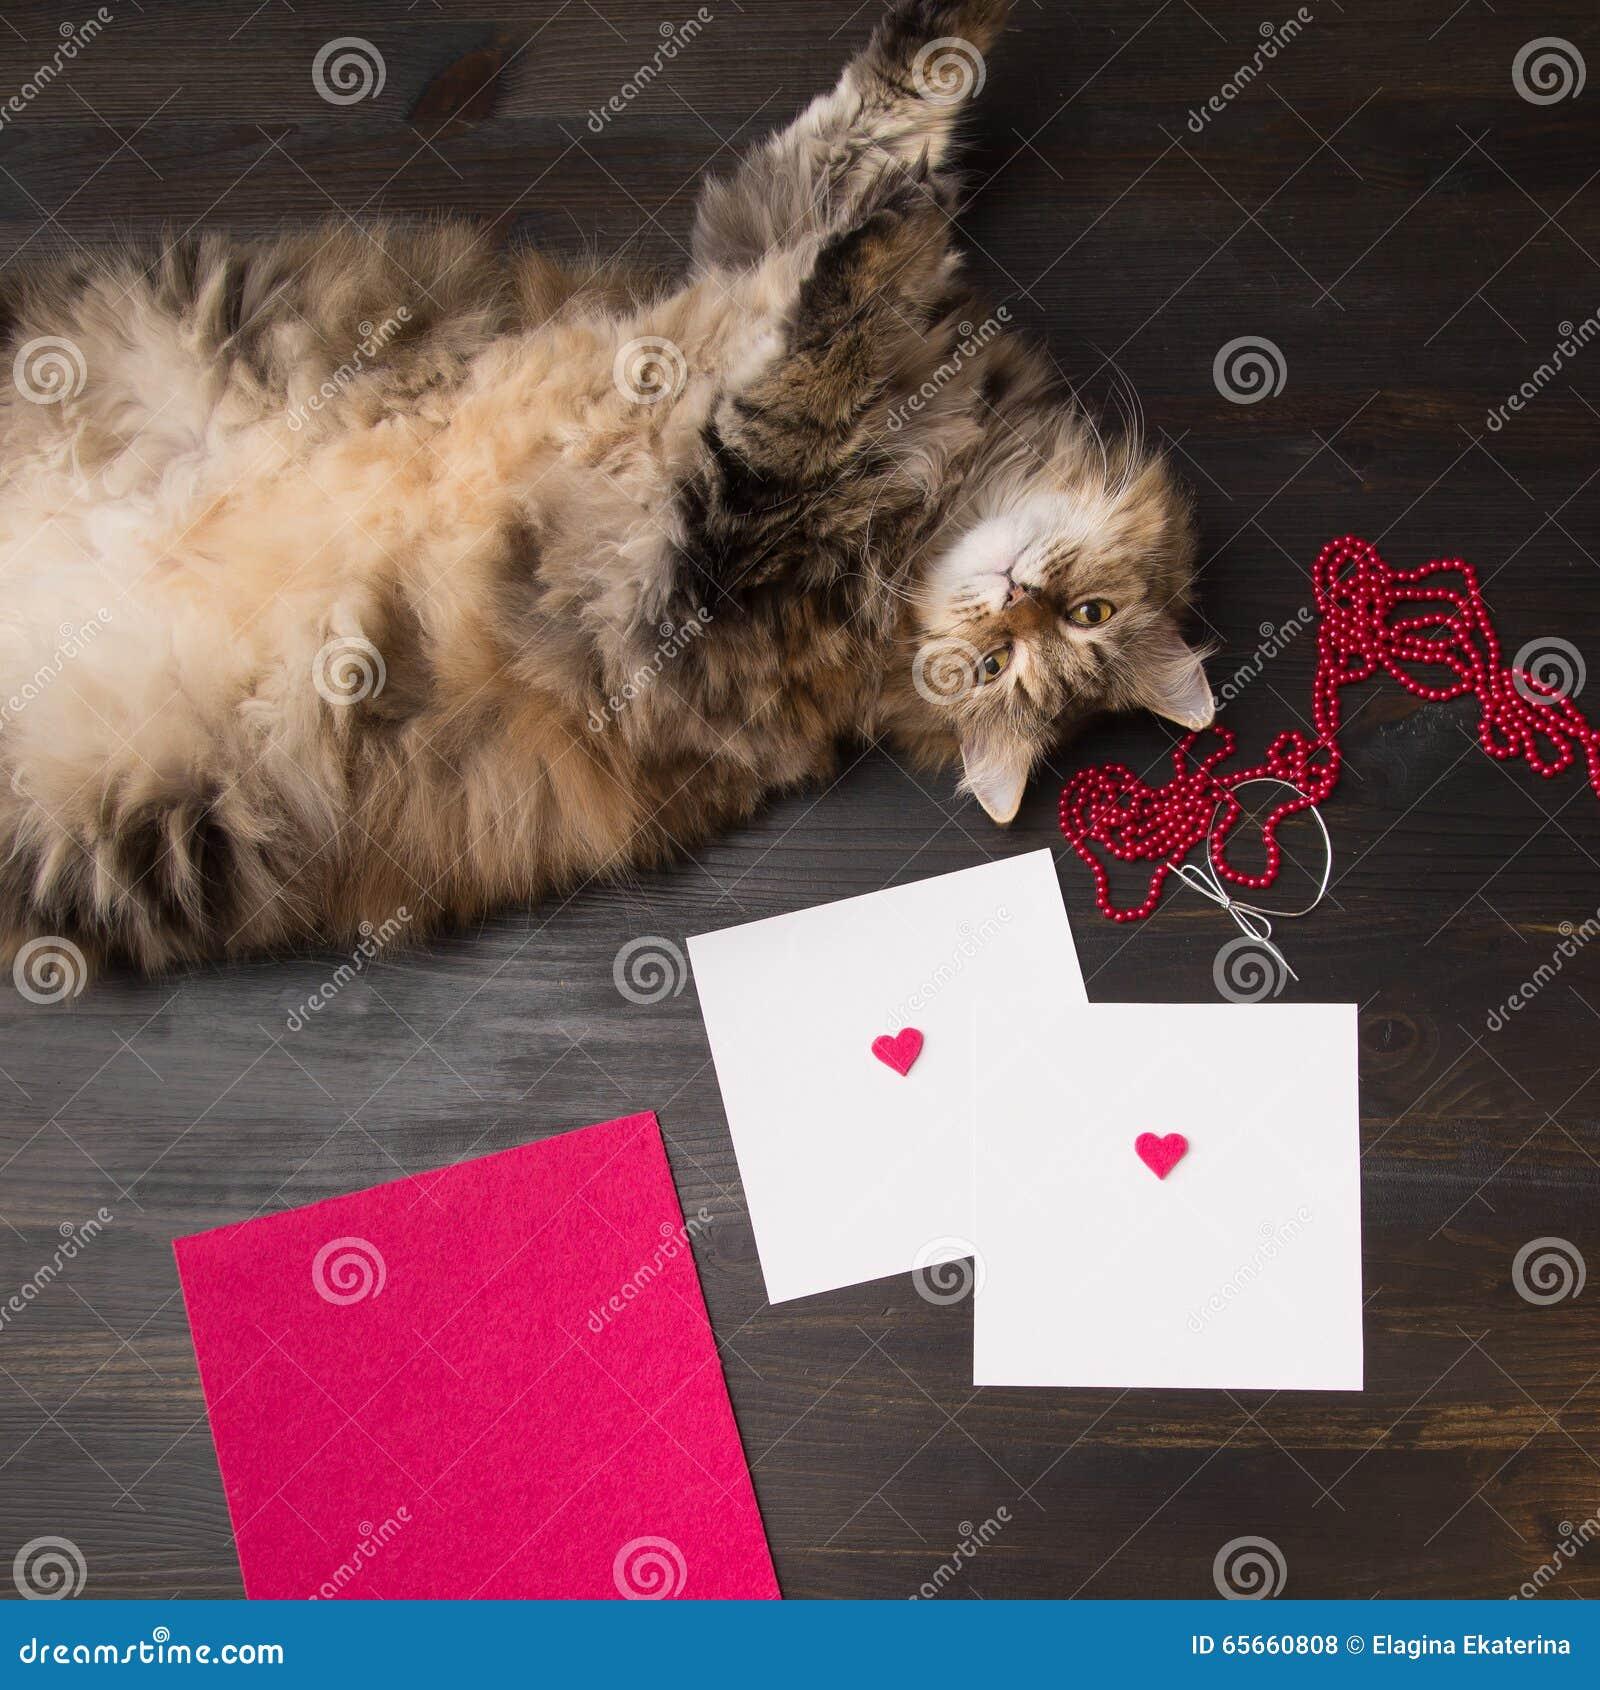 Zusammensetzung Mit Katze Und Zwei Leere Karten Mit Filzherzen Auf ...